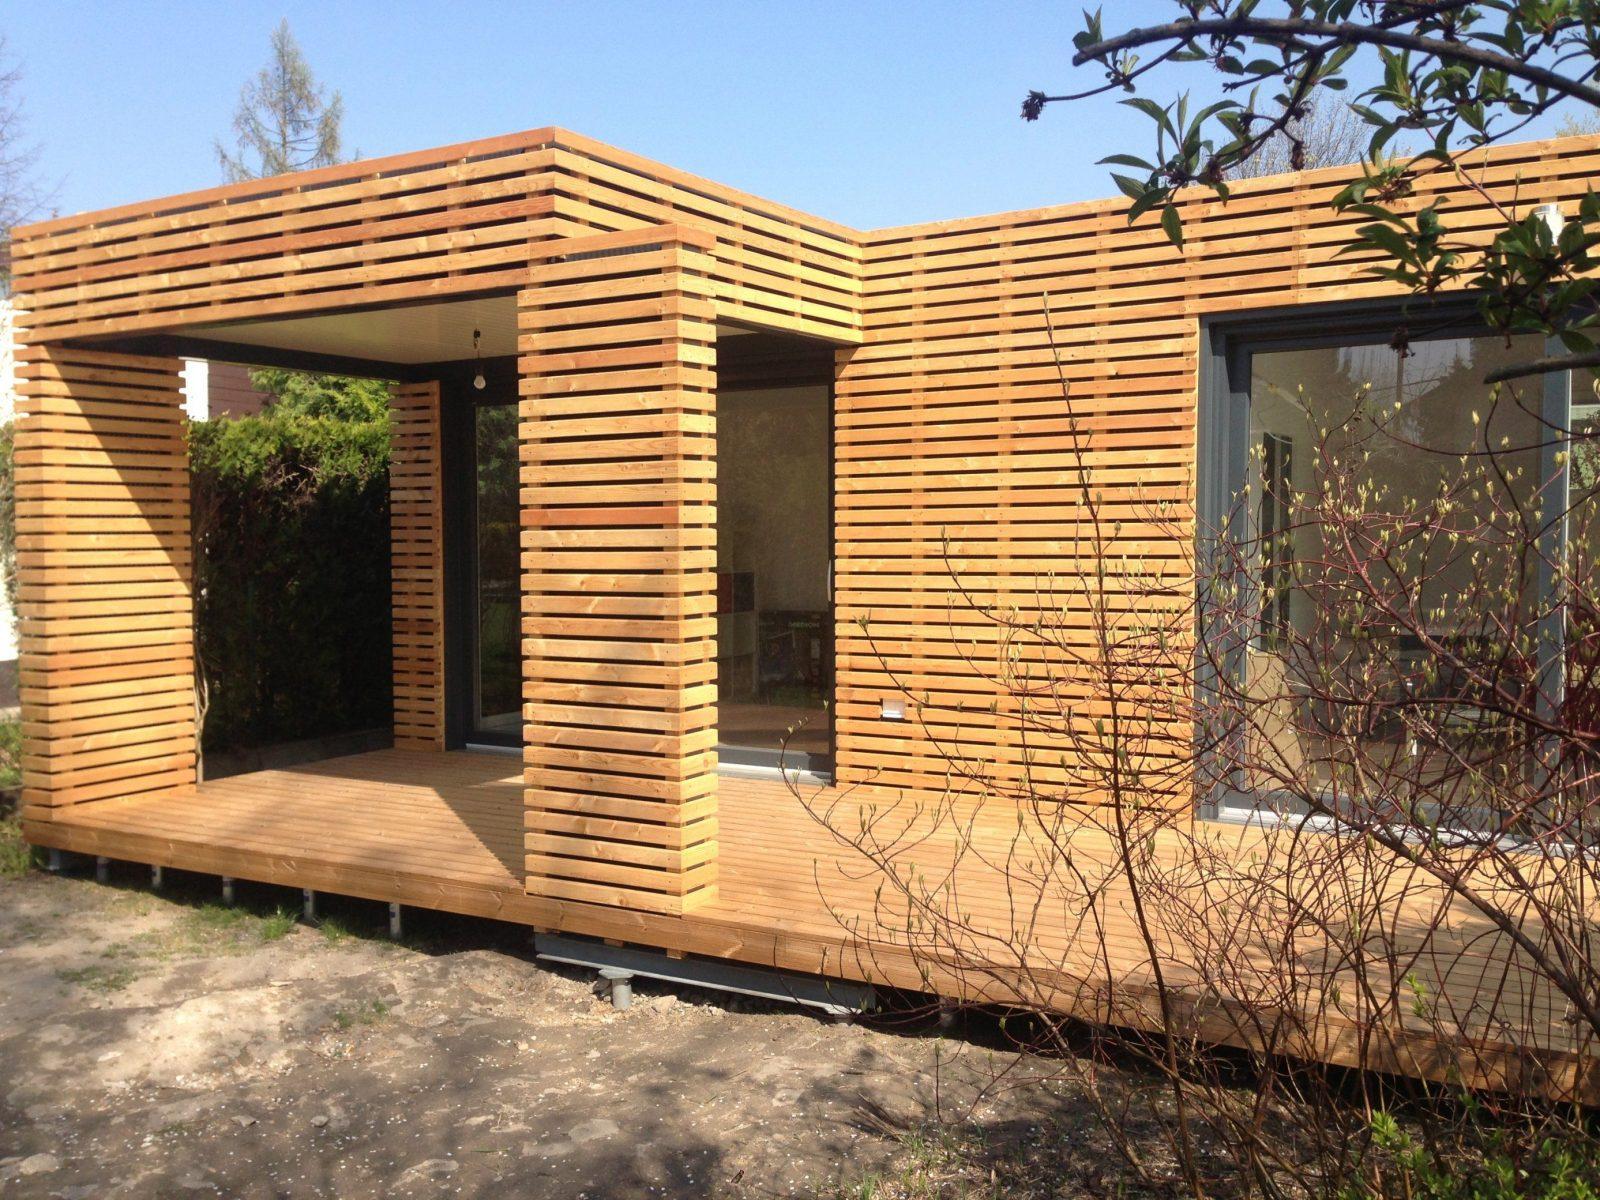 Verwunderlich Containerhaus In Deutschland Mikrohaus Mikrohaus The von Containerhaus In Deutschland Erlaubt Bild